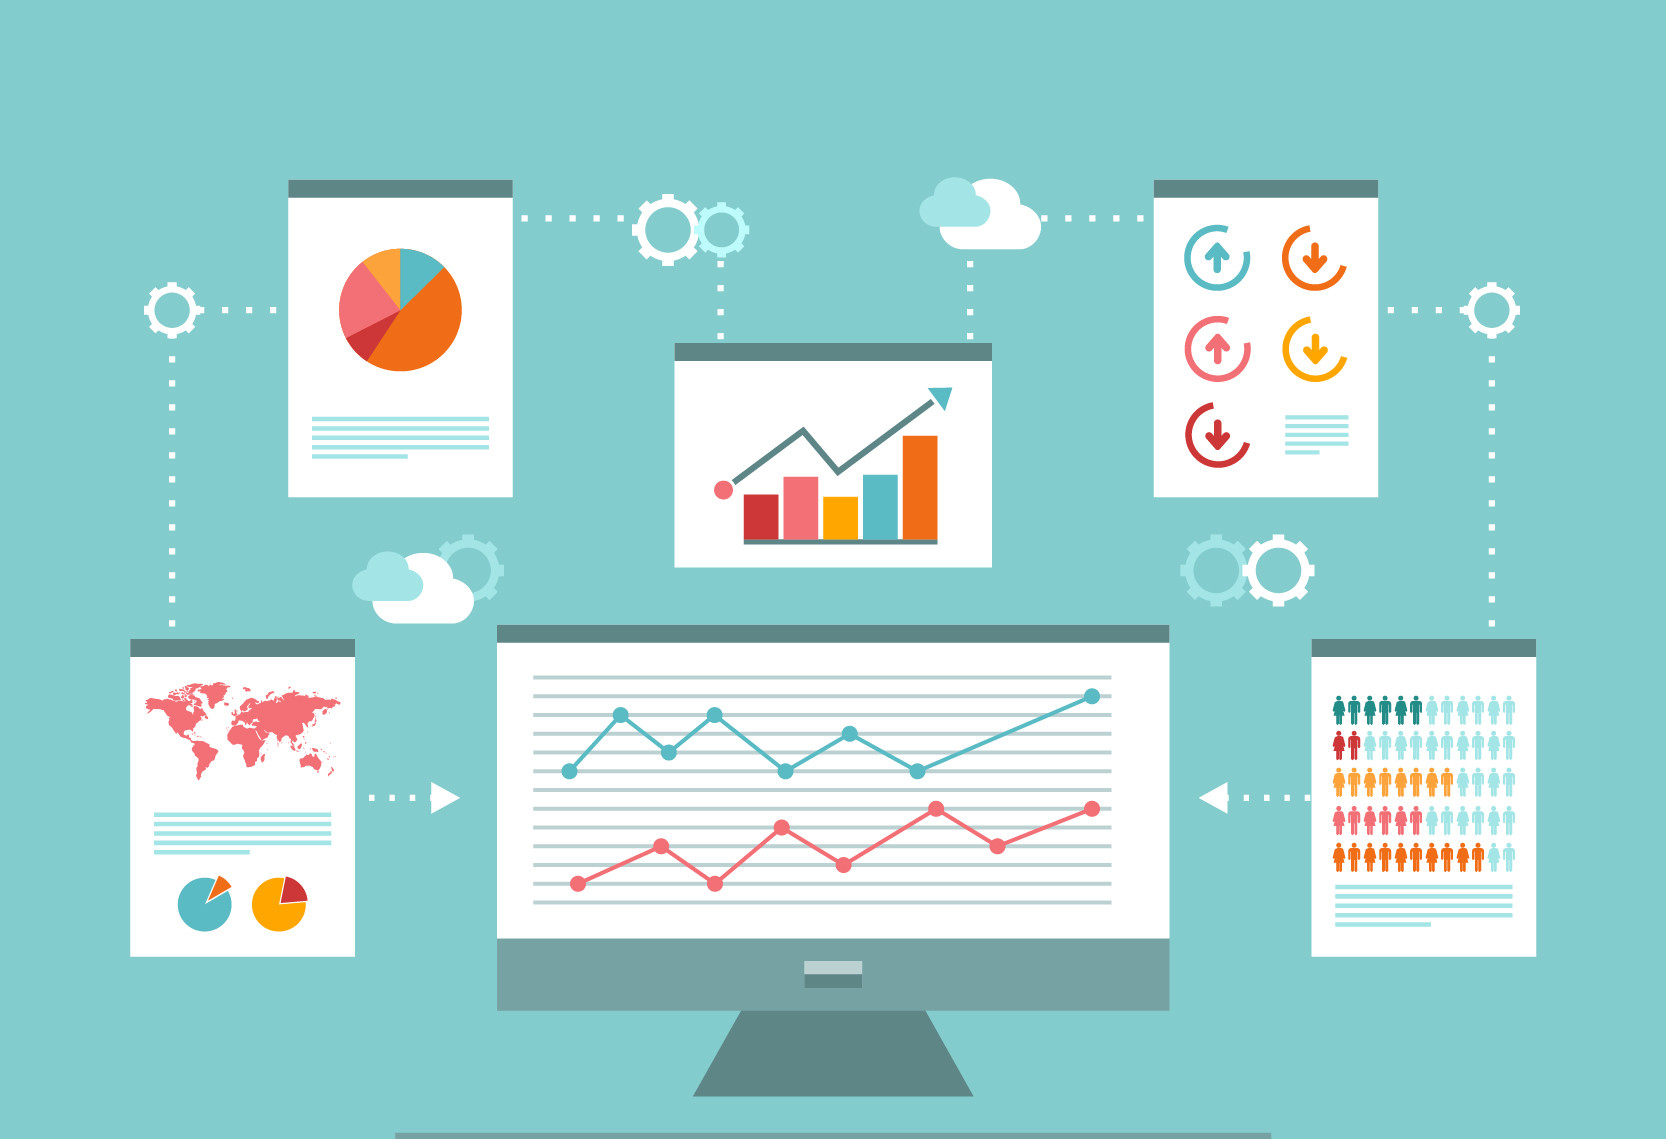 infografico online o que é infografico modelos de infográficos